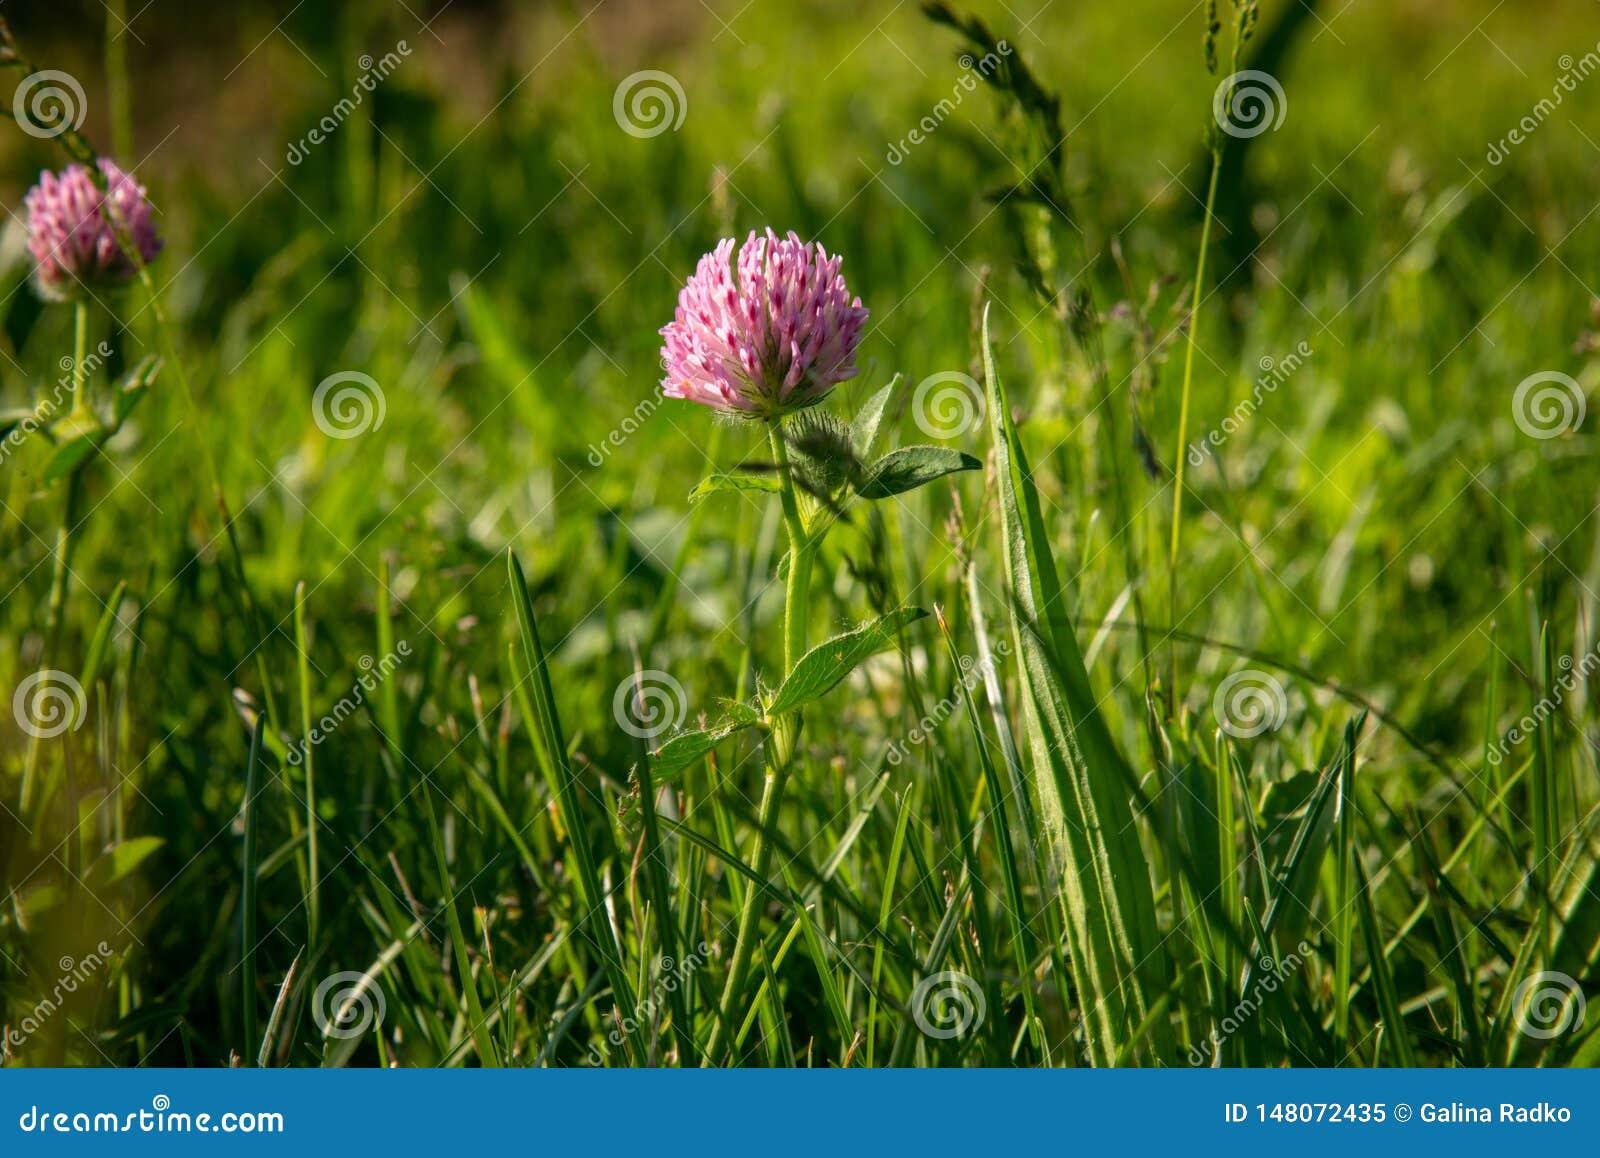 Een roze klaverbloem is in groen gras op gebied in natuurlijk zacht zonlicht Achtergrond